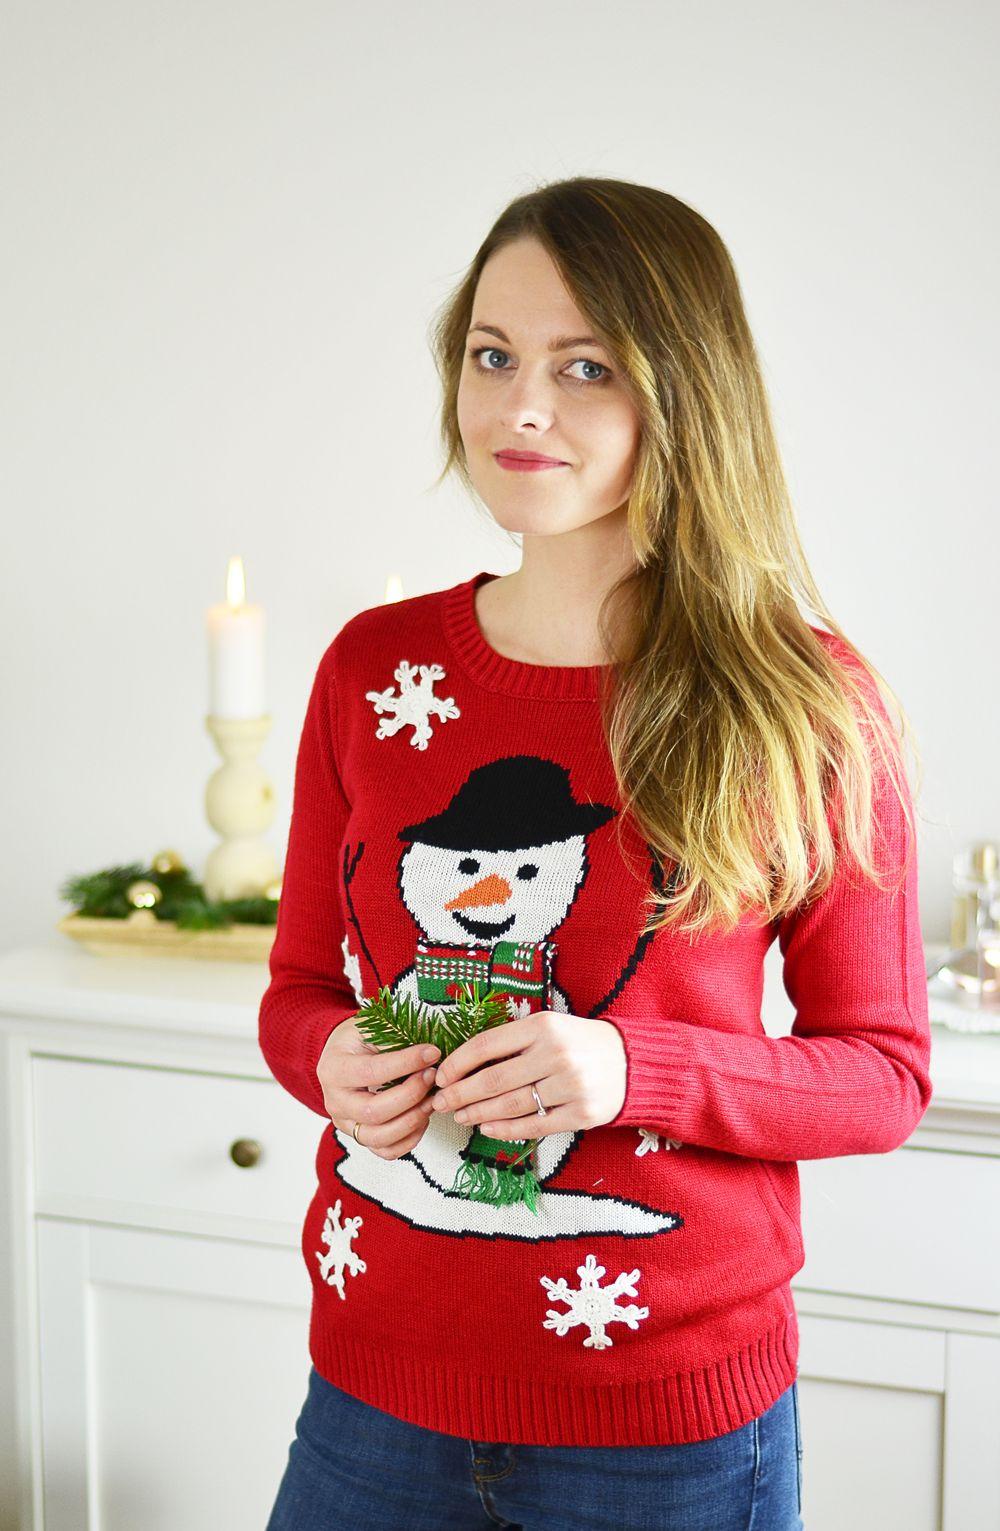 Tradycja brzydkich świątecznych swetrów